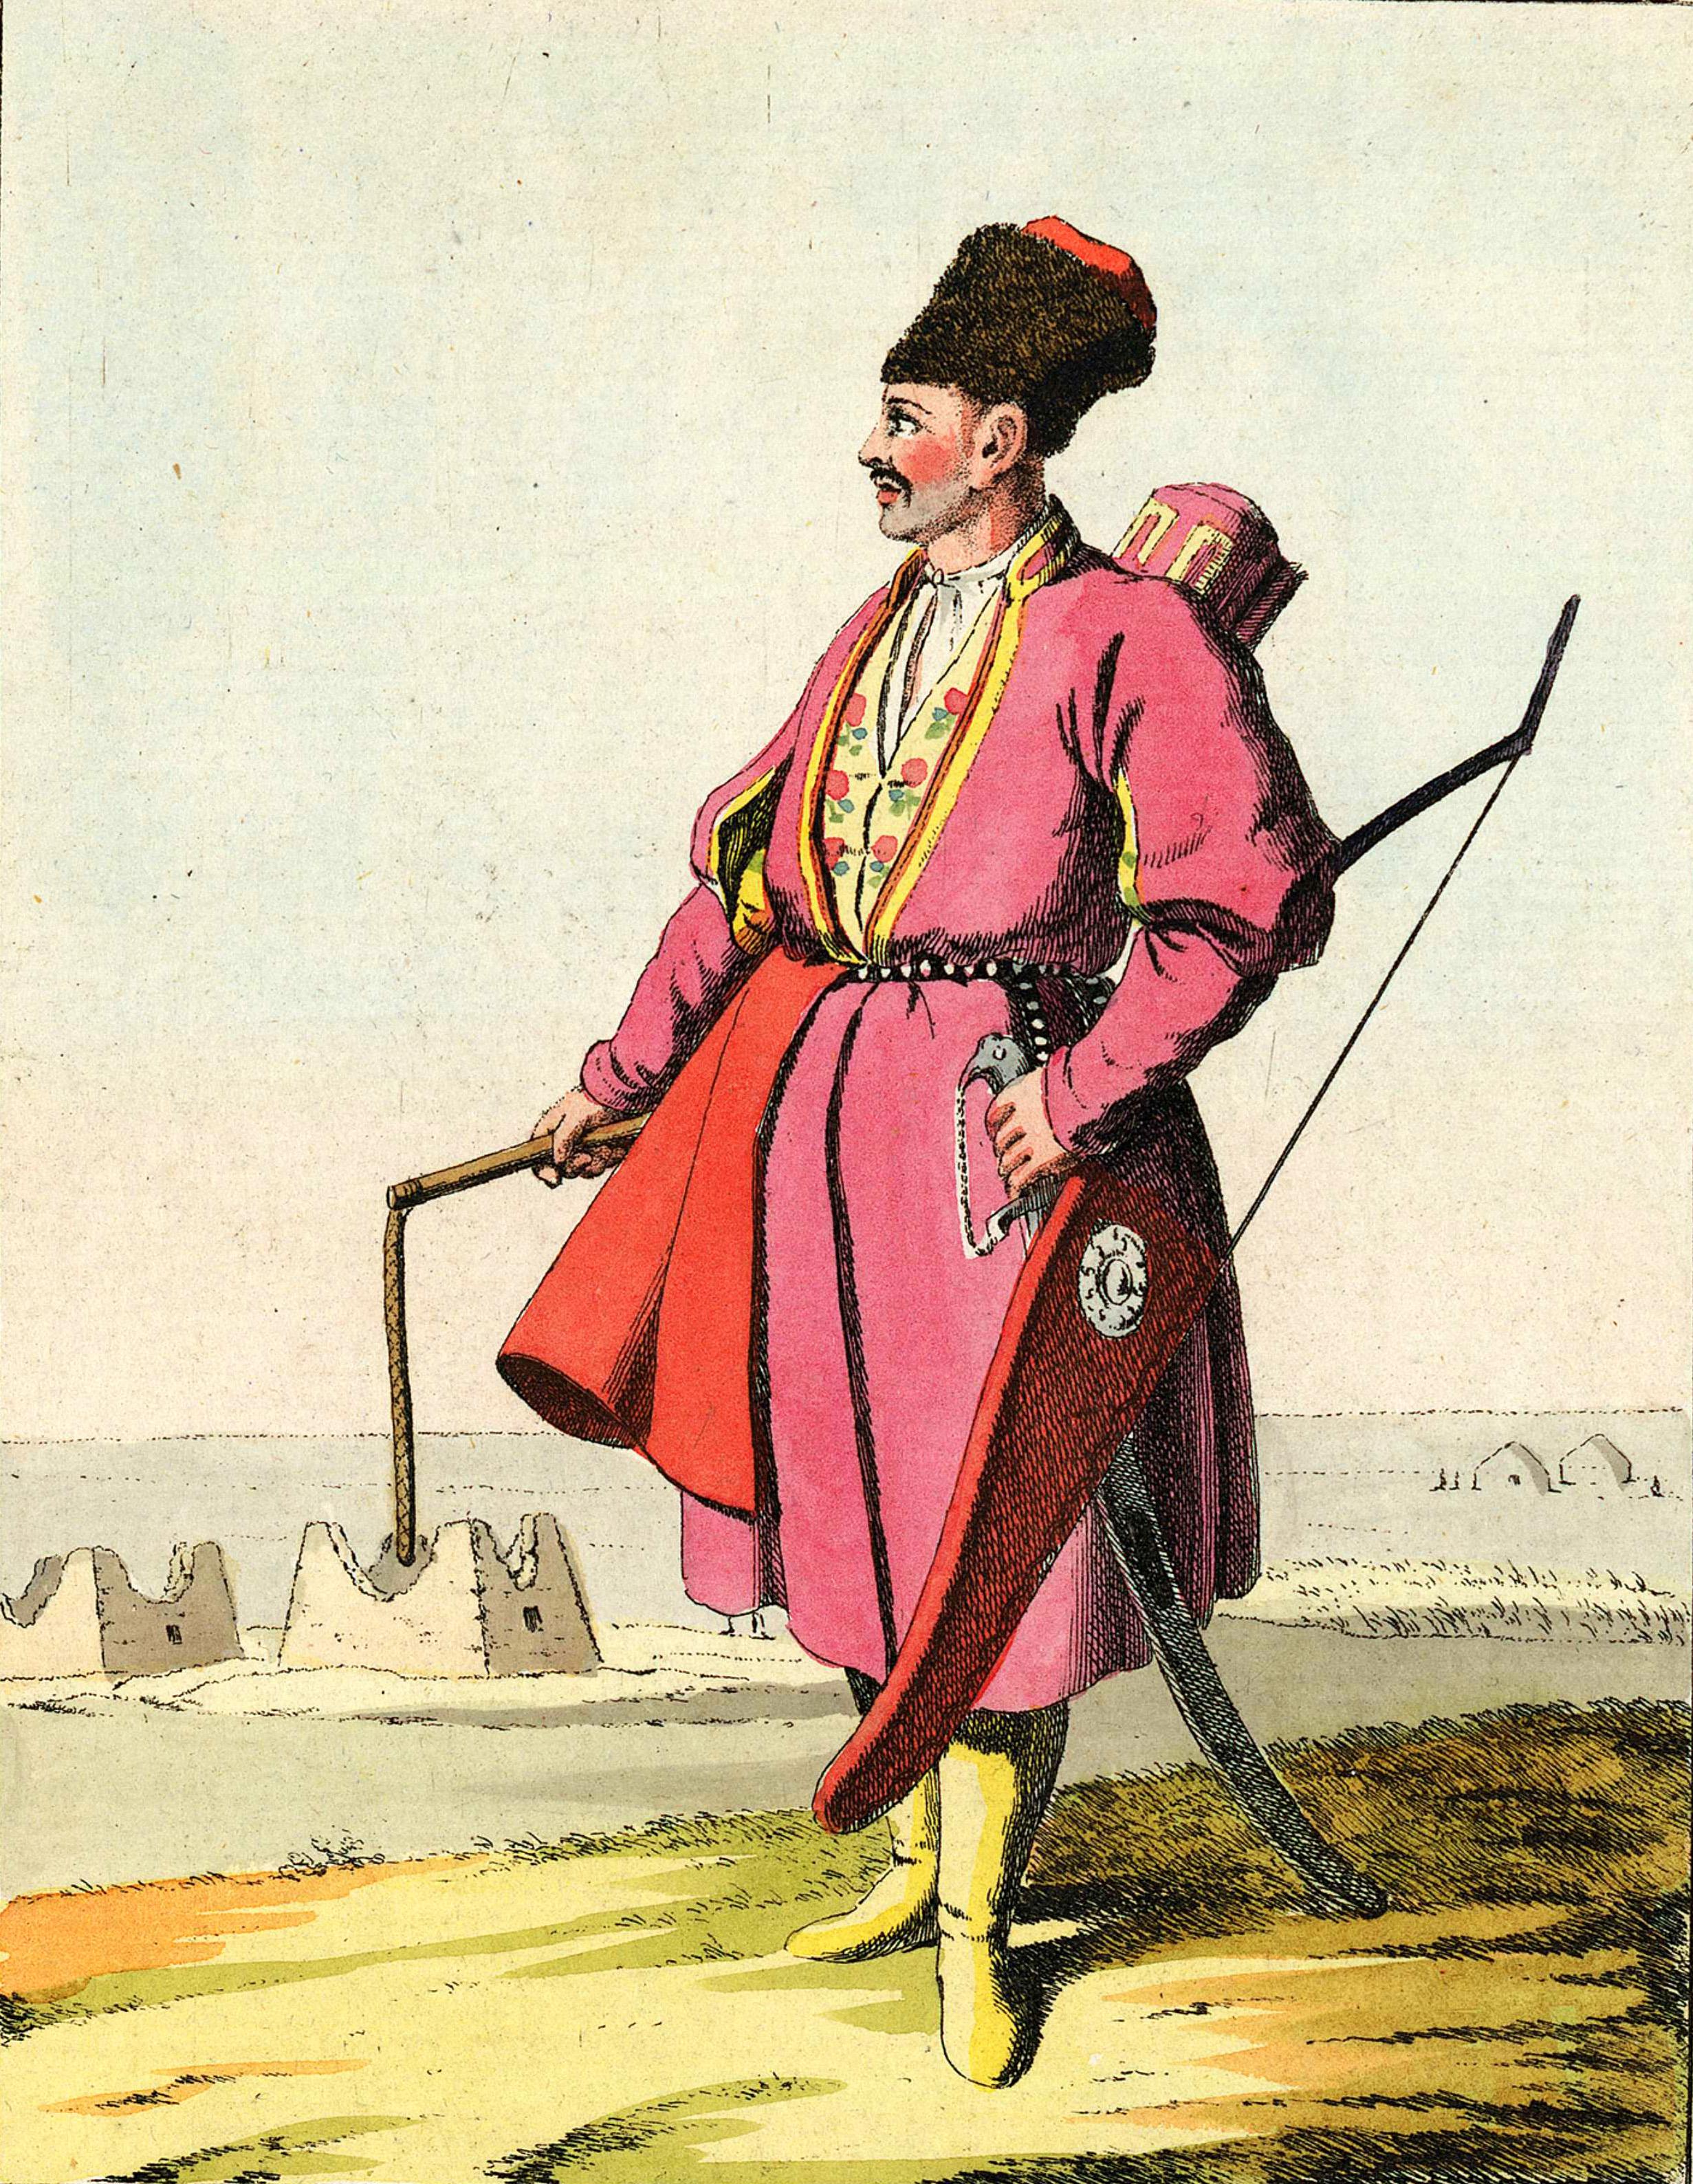 10. Туркмен со своими вечными спутниками во время верховой езды — хлыстом, луком и колчаном со стрелами.